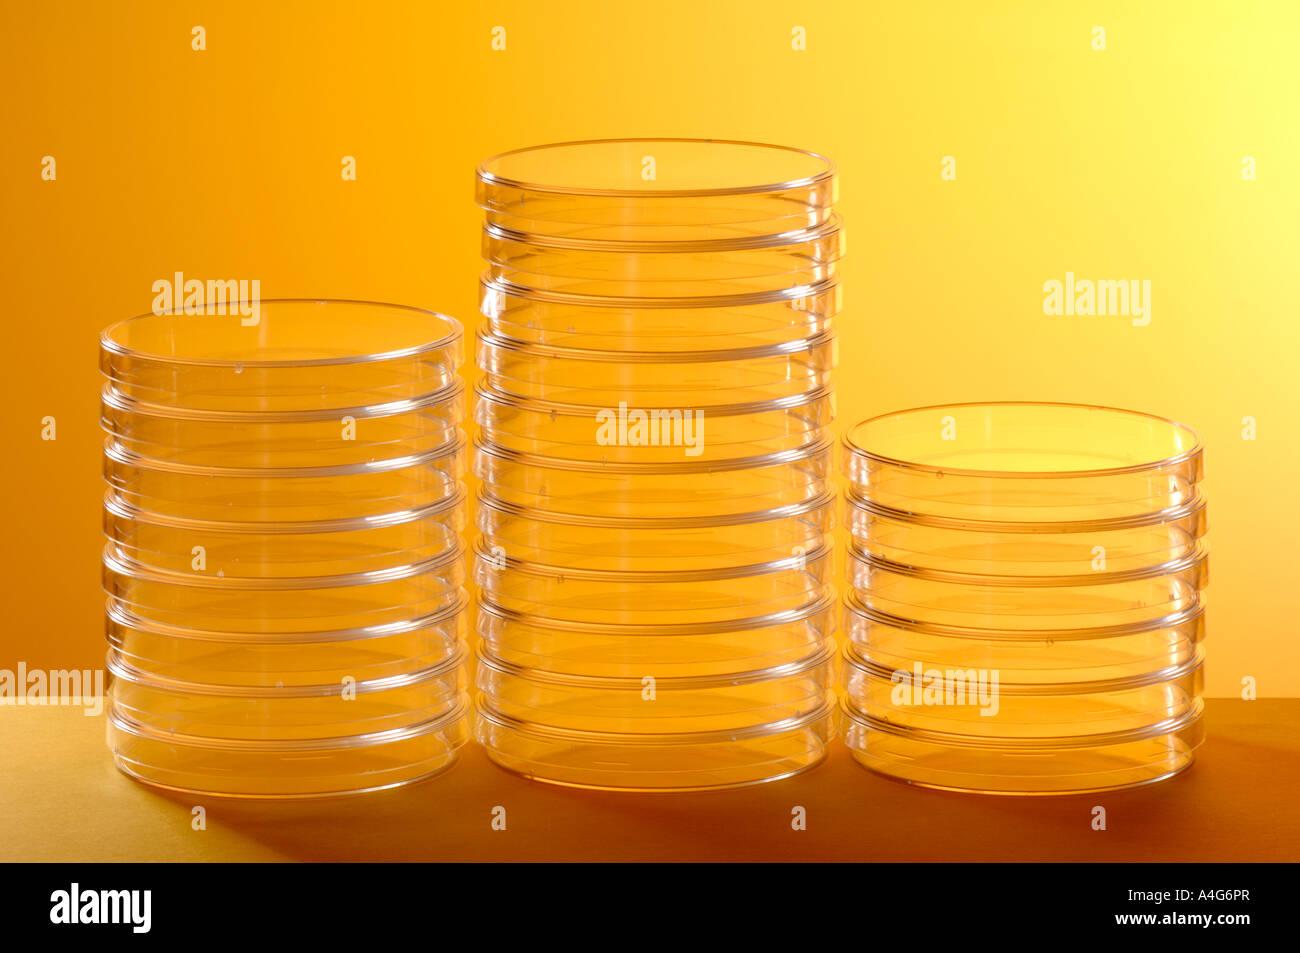 Petri scientifique Photo Stock